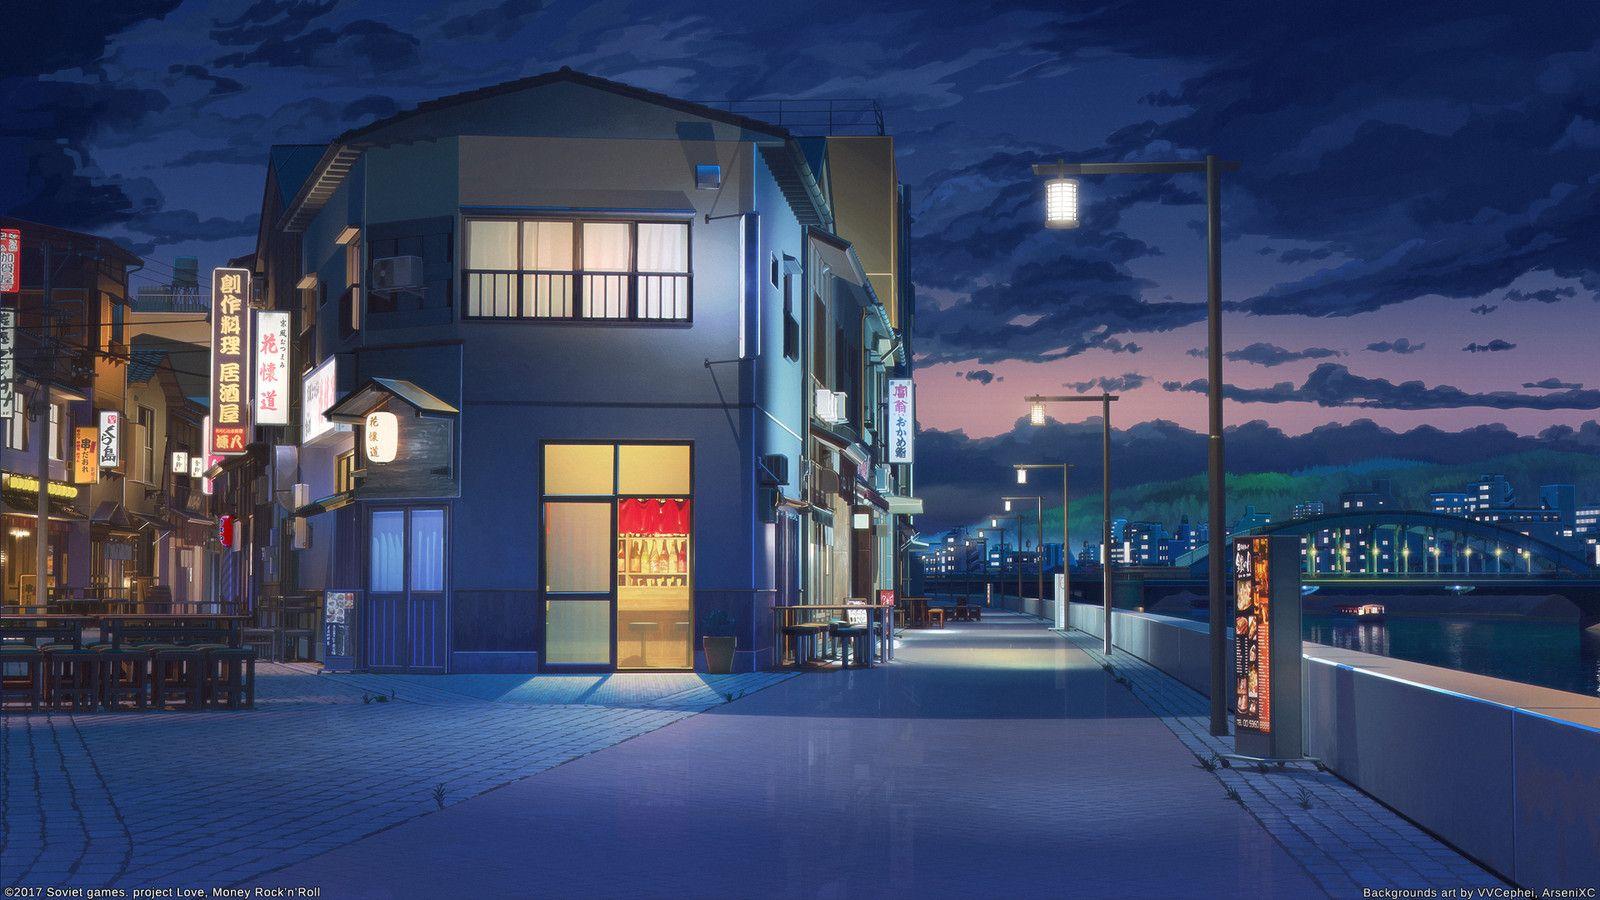 Night Riverside Arseniy Chebynkin On Artstation At Https Www Artstation Com Artwork 0p2ge Anime Scenery Wallpaper Anime Scenery Night Scenery